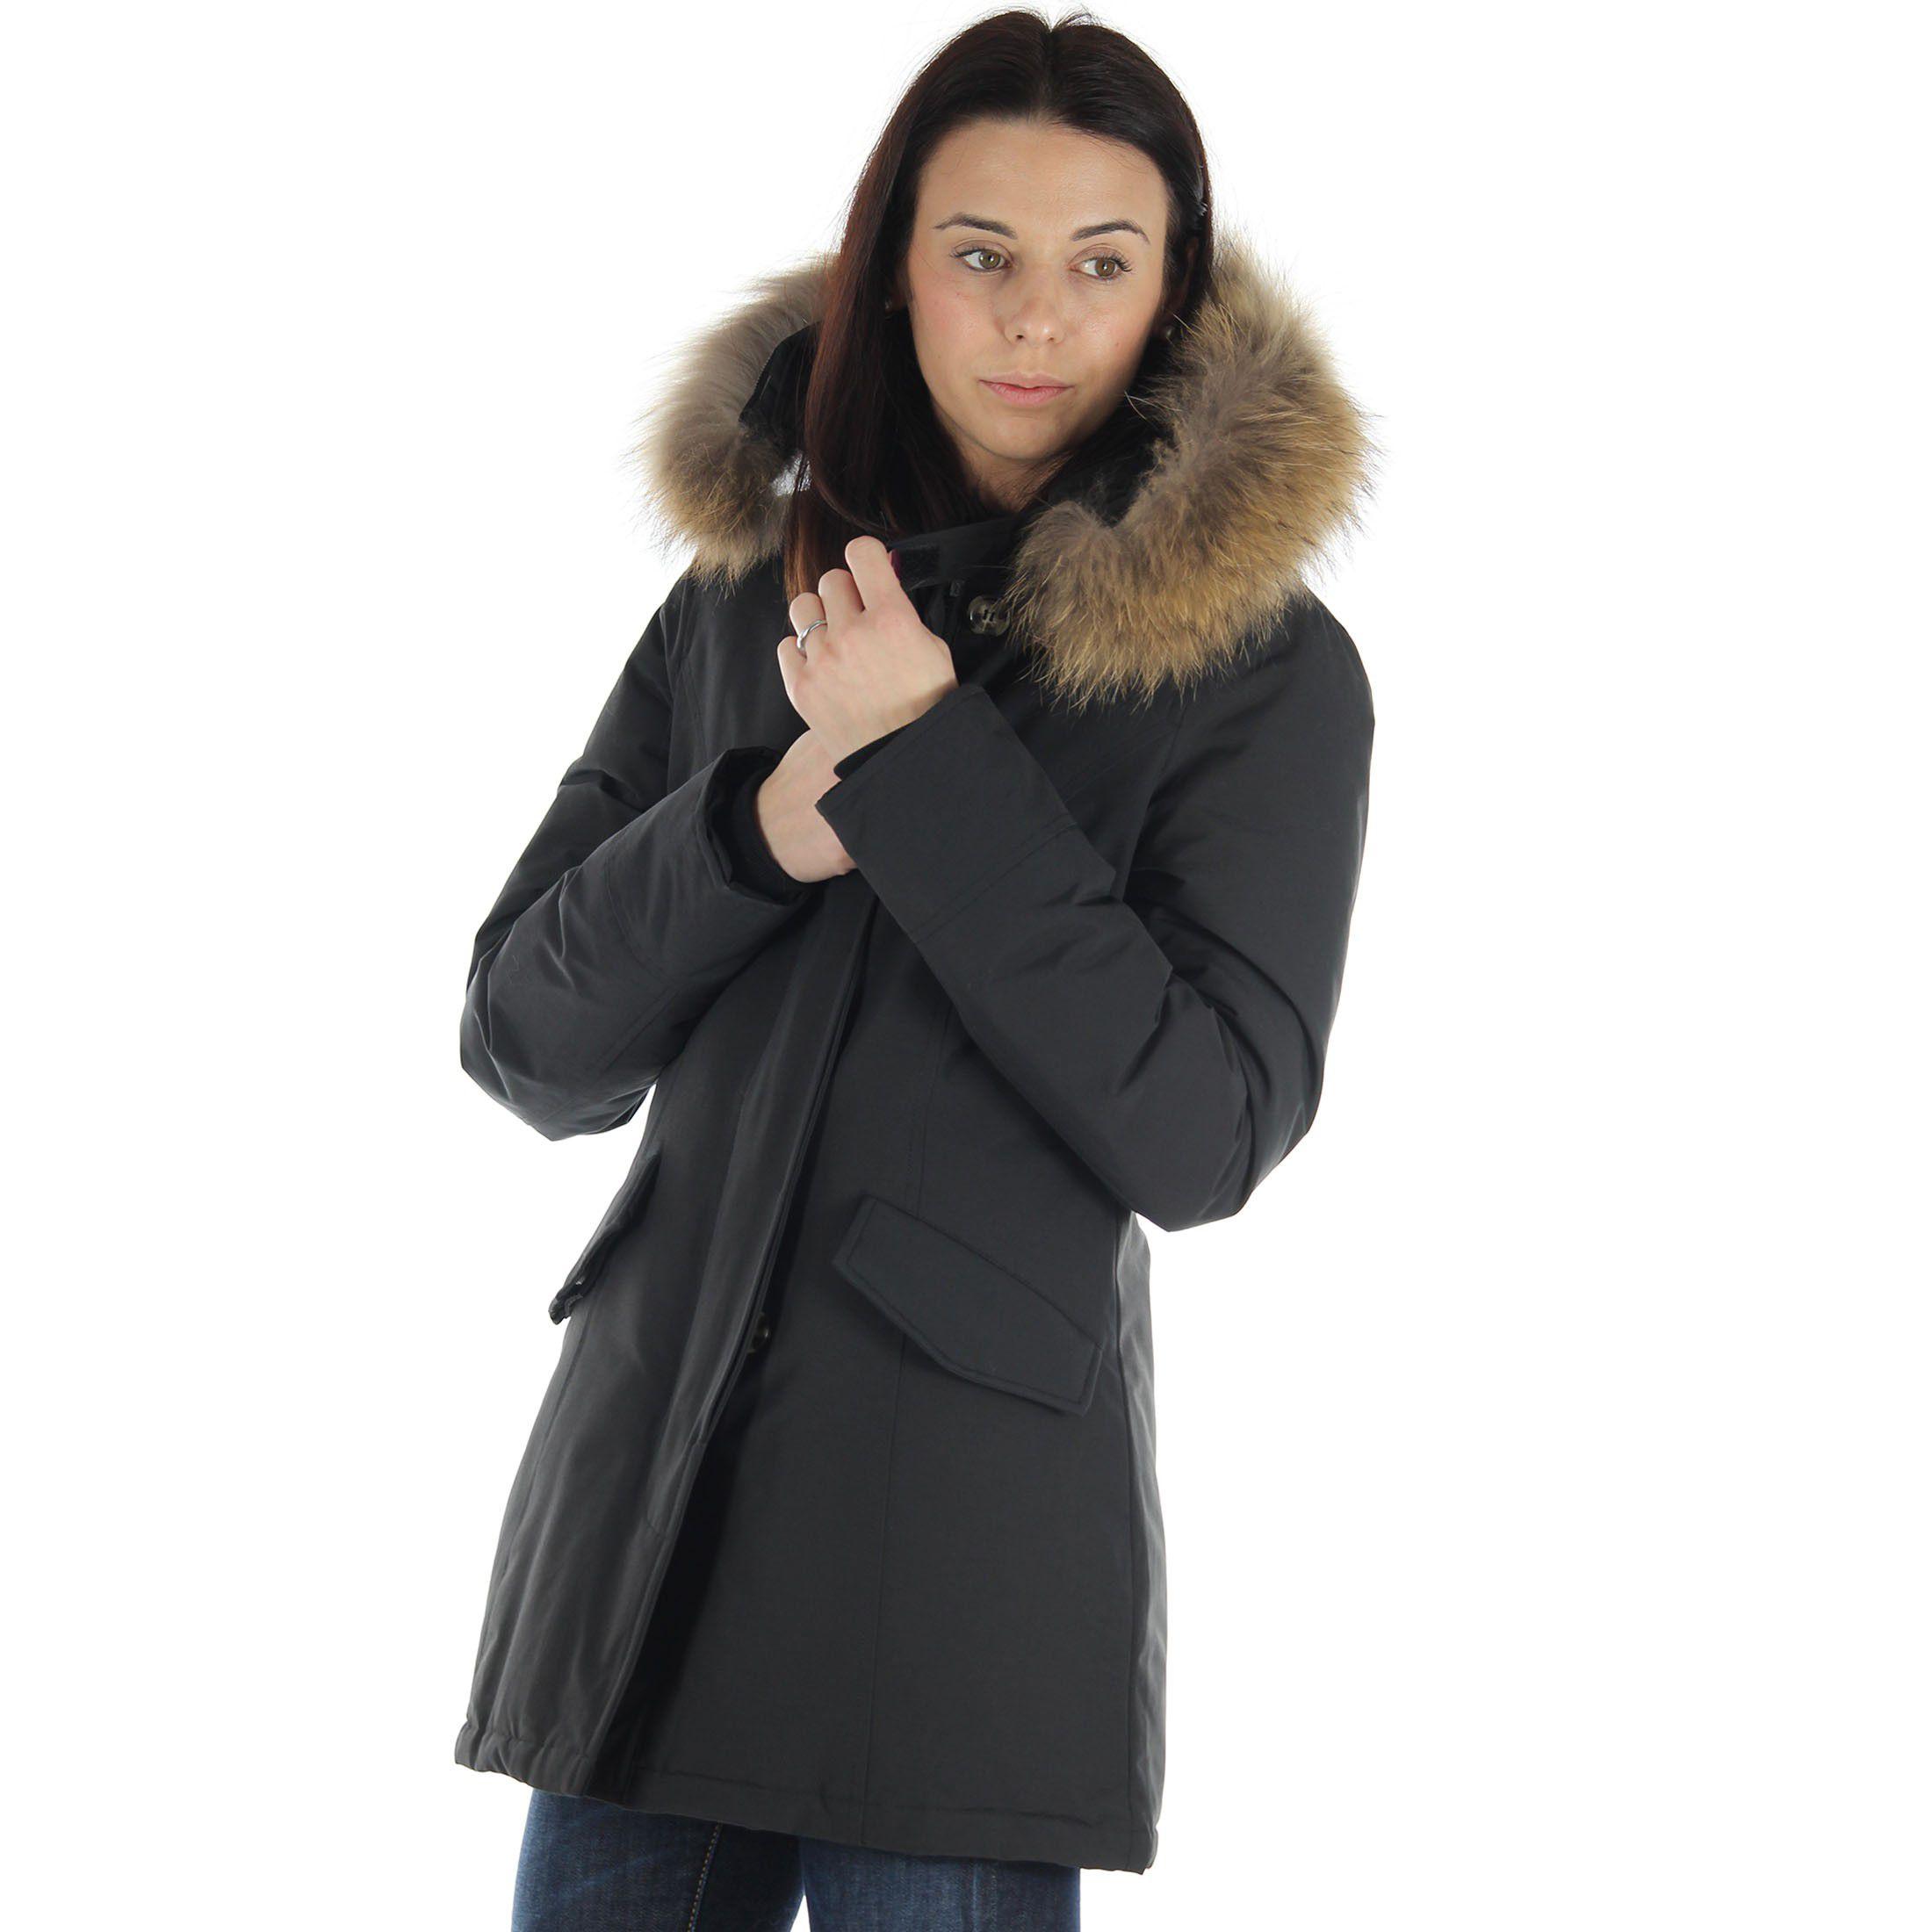 Breras parka con cappuccio in pelliccia da donna